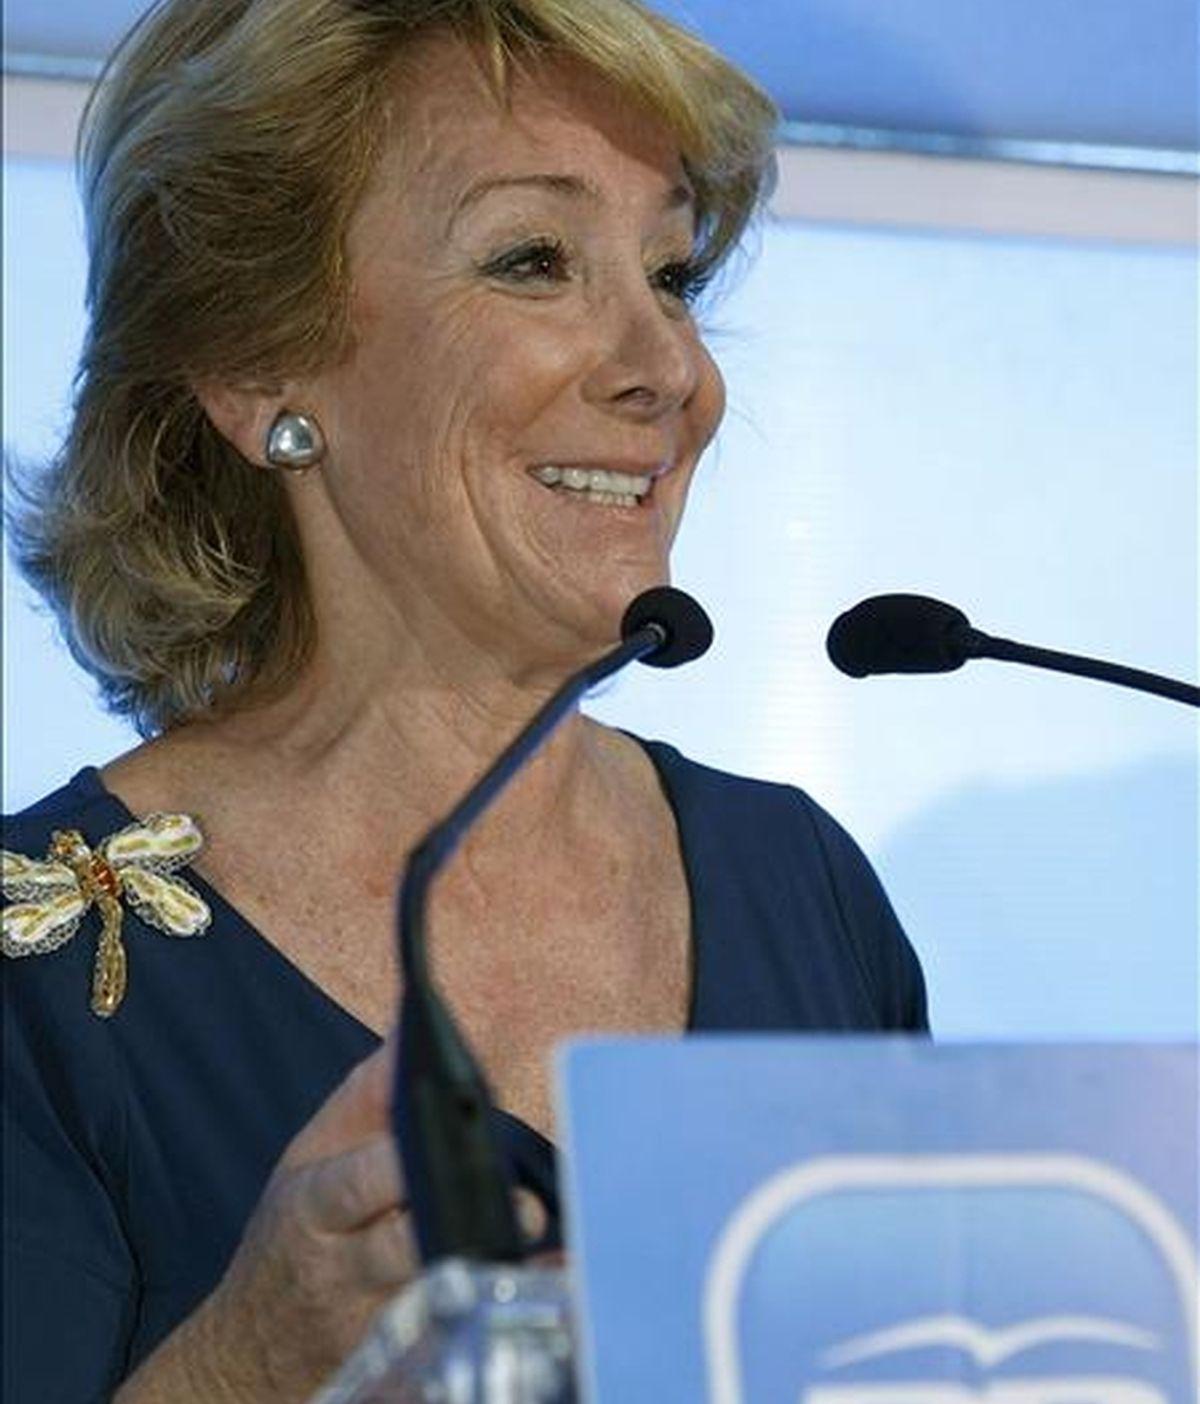 La presidenta de la Comunidad de Madrid, Esperanza Aguirre. Vídeo: Atlas